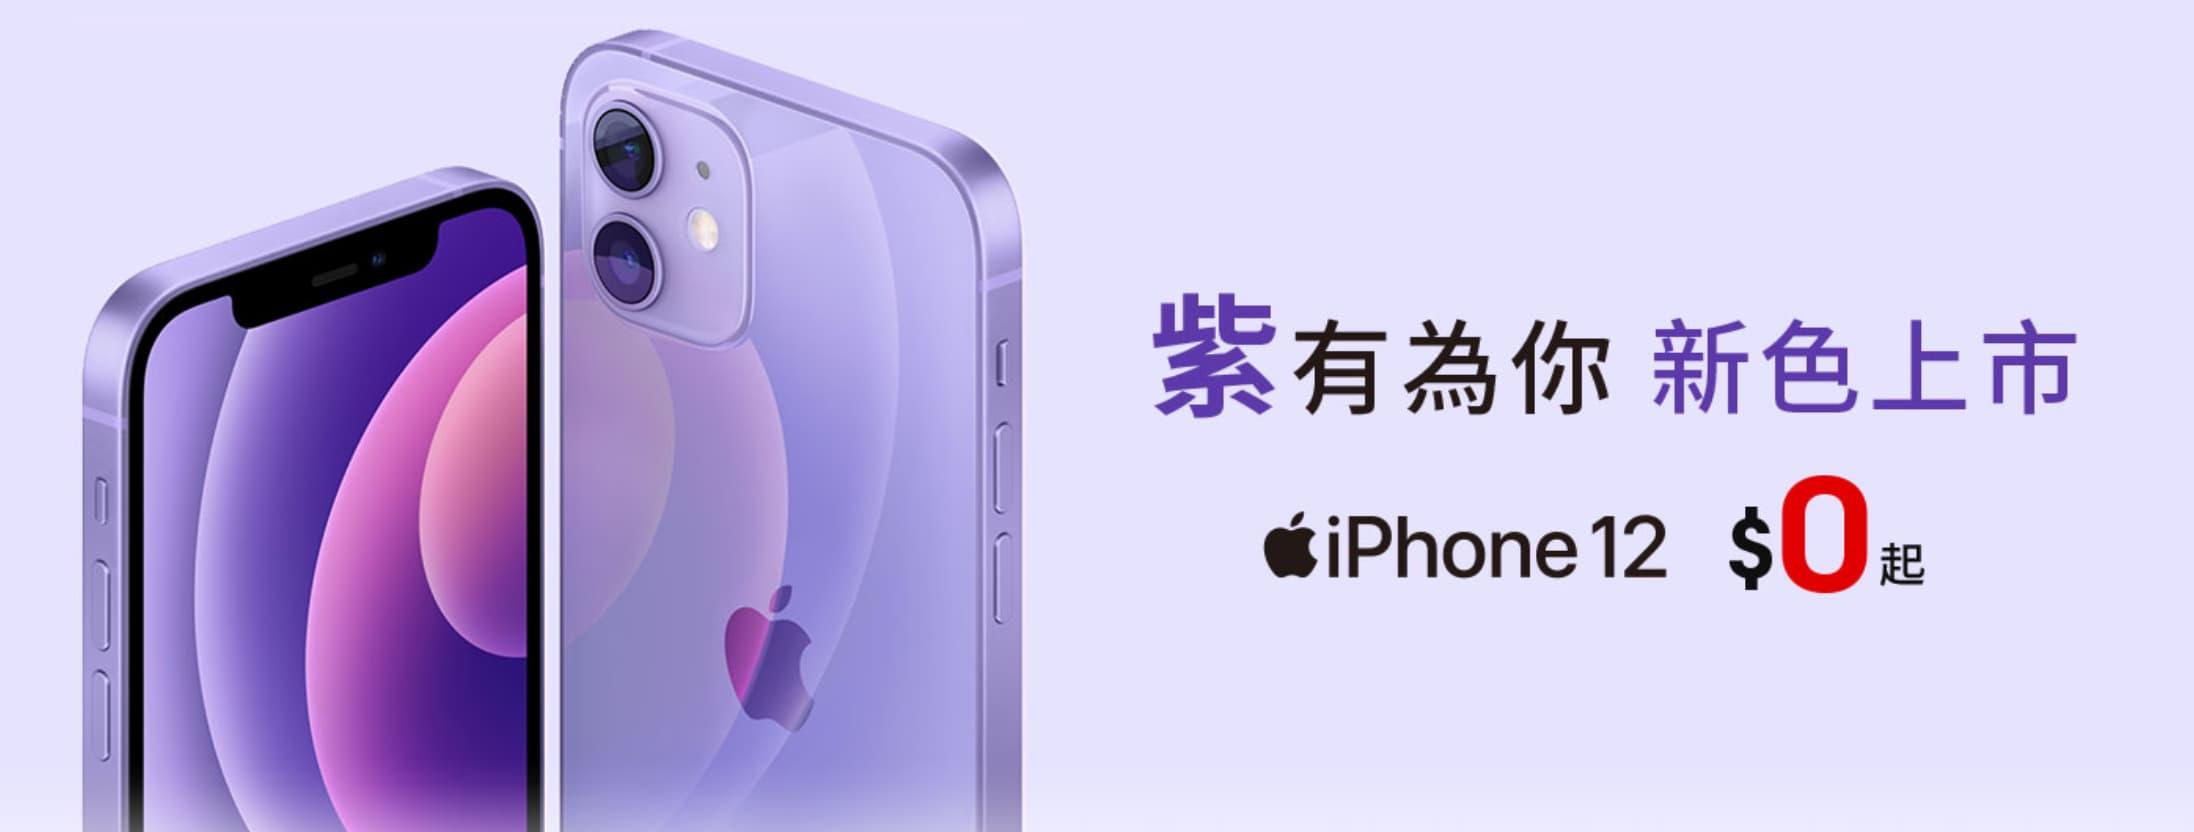 亞太電信iPhone 12 和 12 mini 紫色預購/開賣、優惠活動